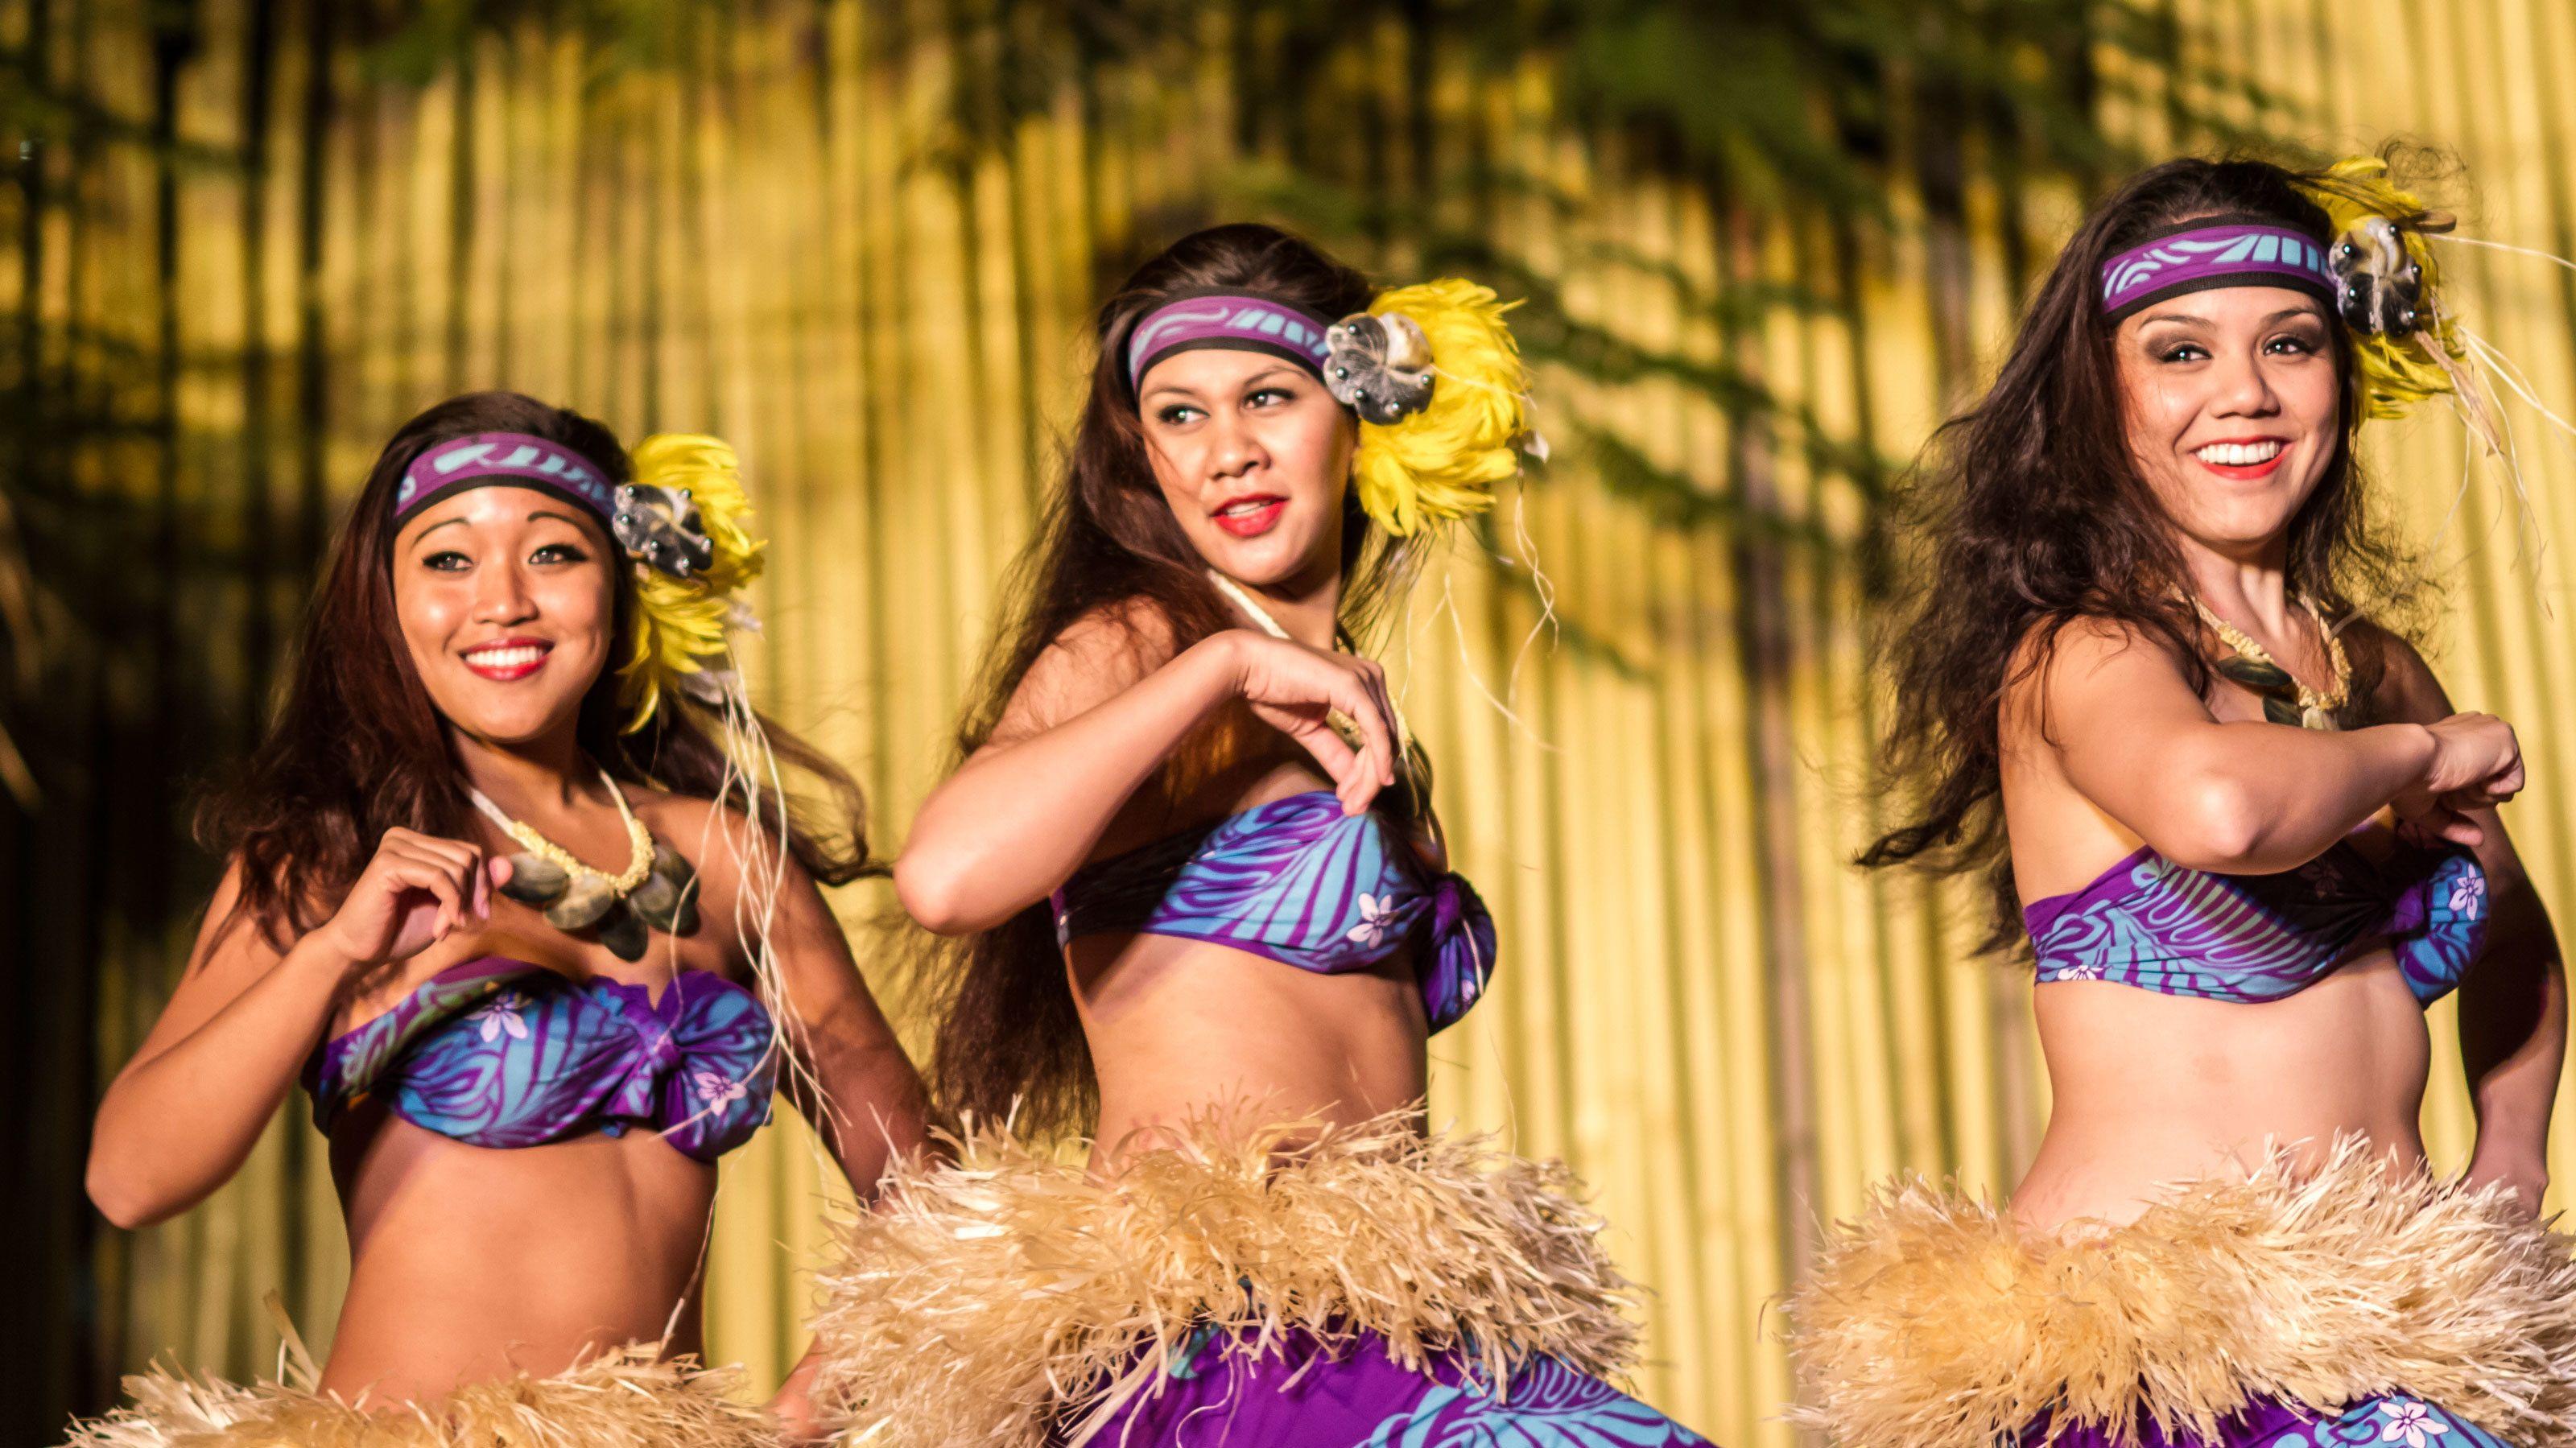 Three women dancing at the Luau at Royal Lahaina Resort in Maui